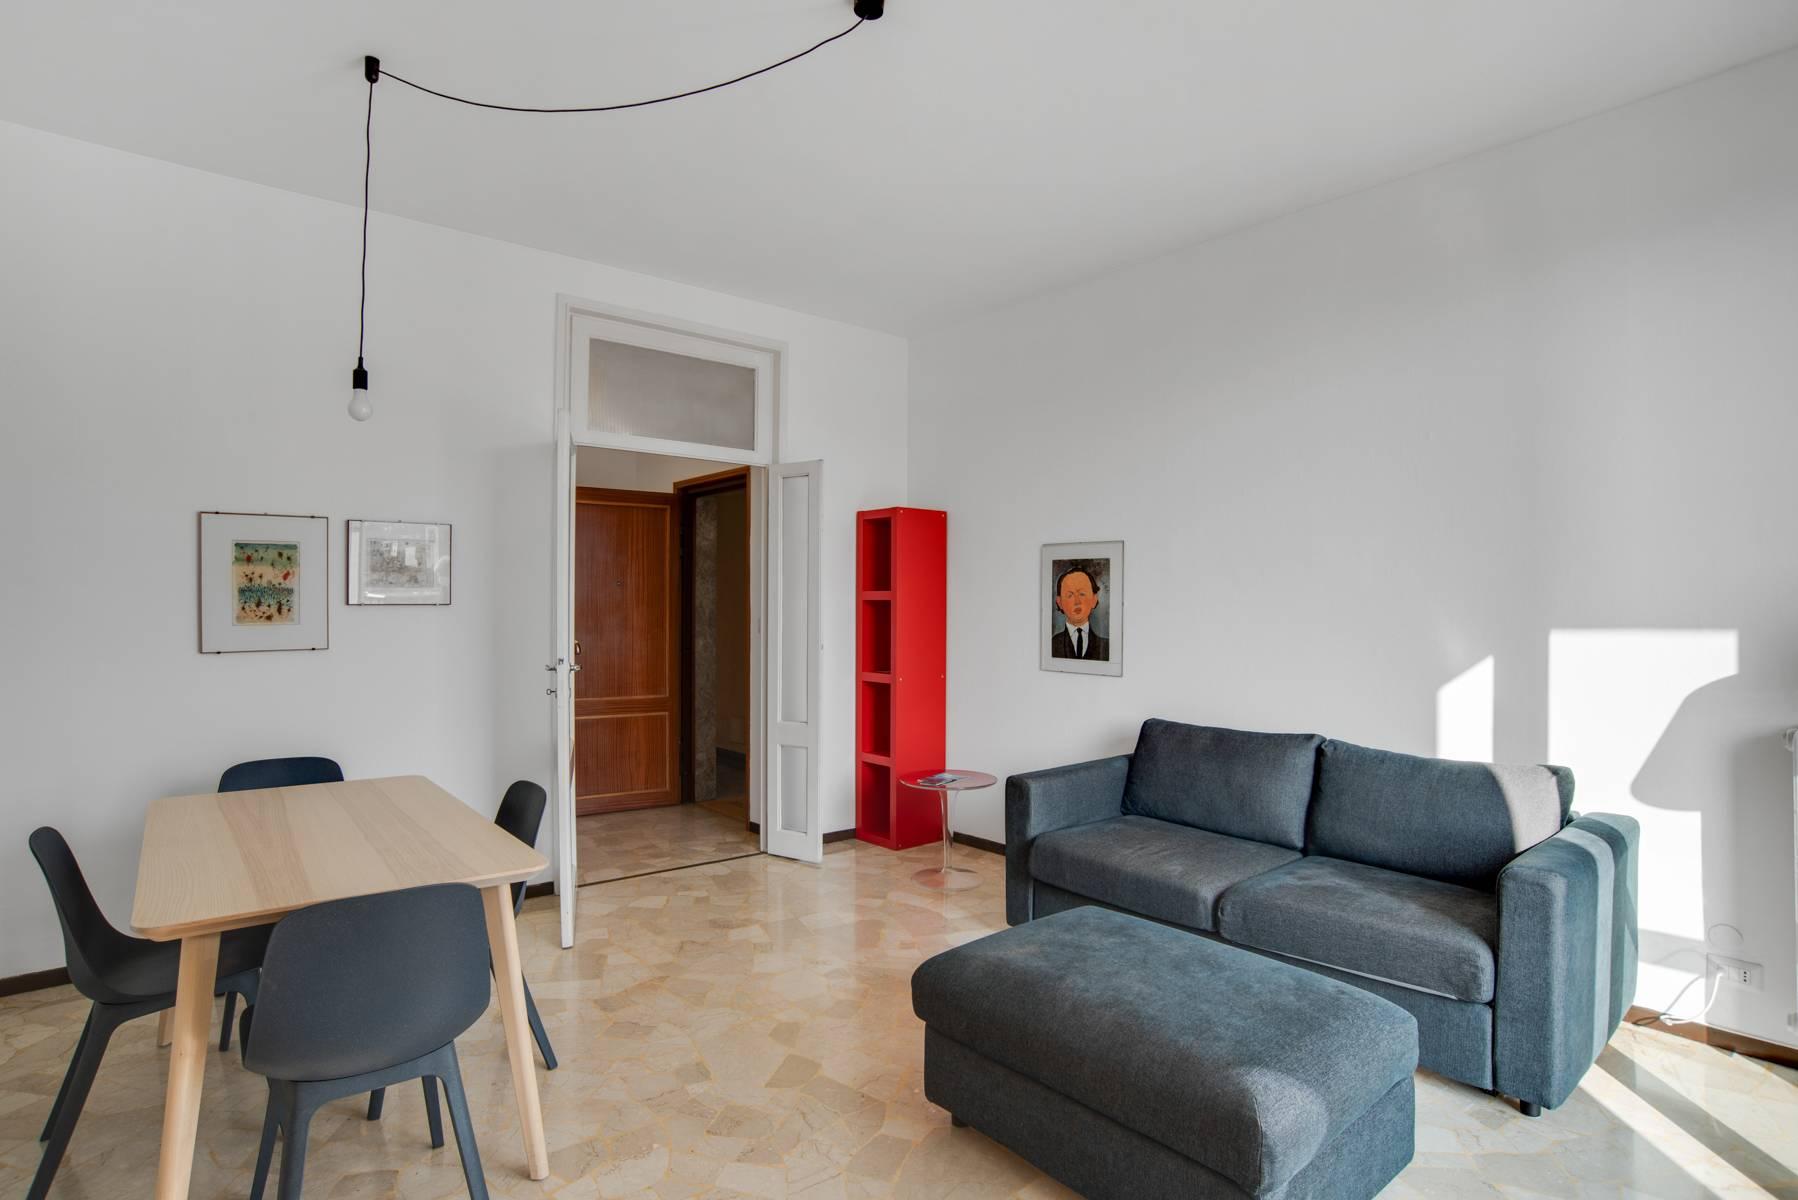 Appartamento in Affitto a Como: 3 locali, 80 mq - Foto 3